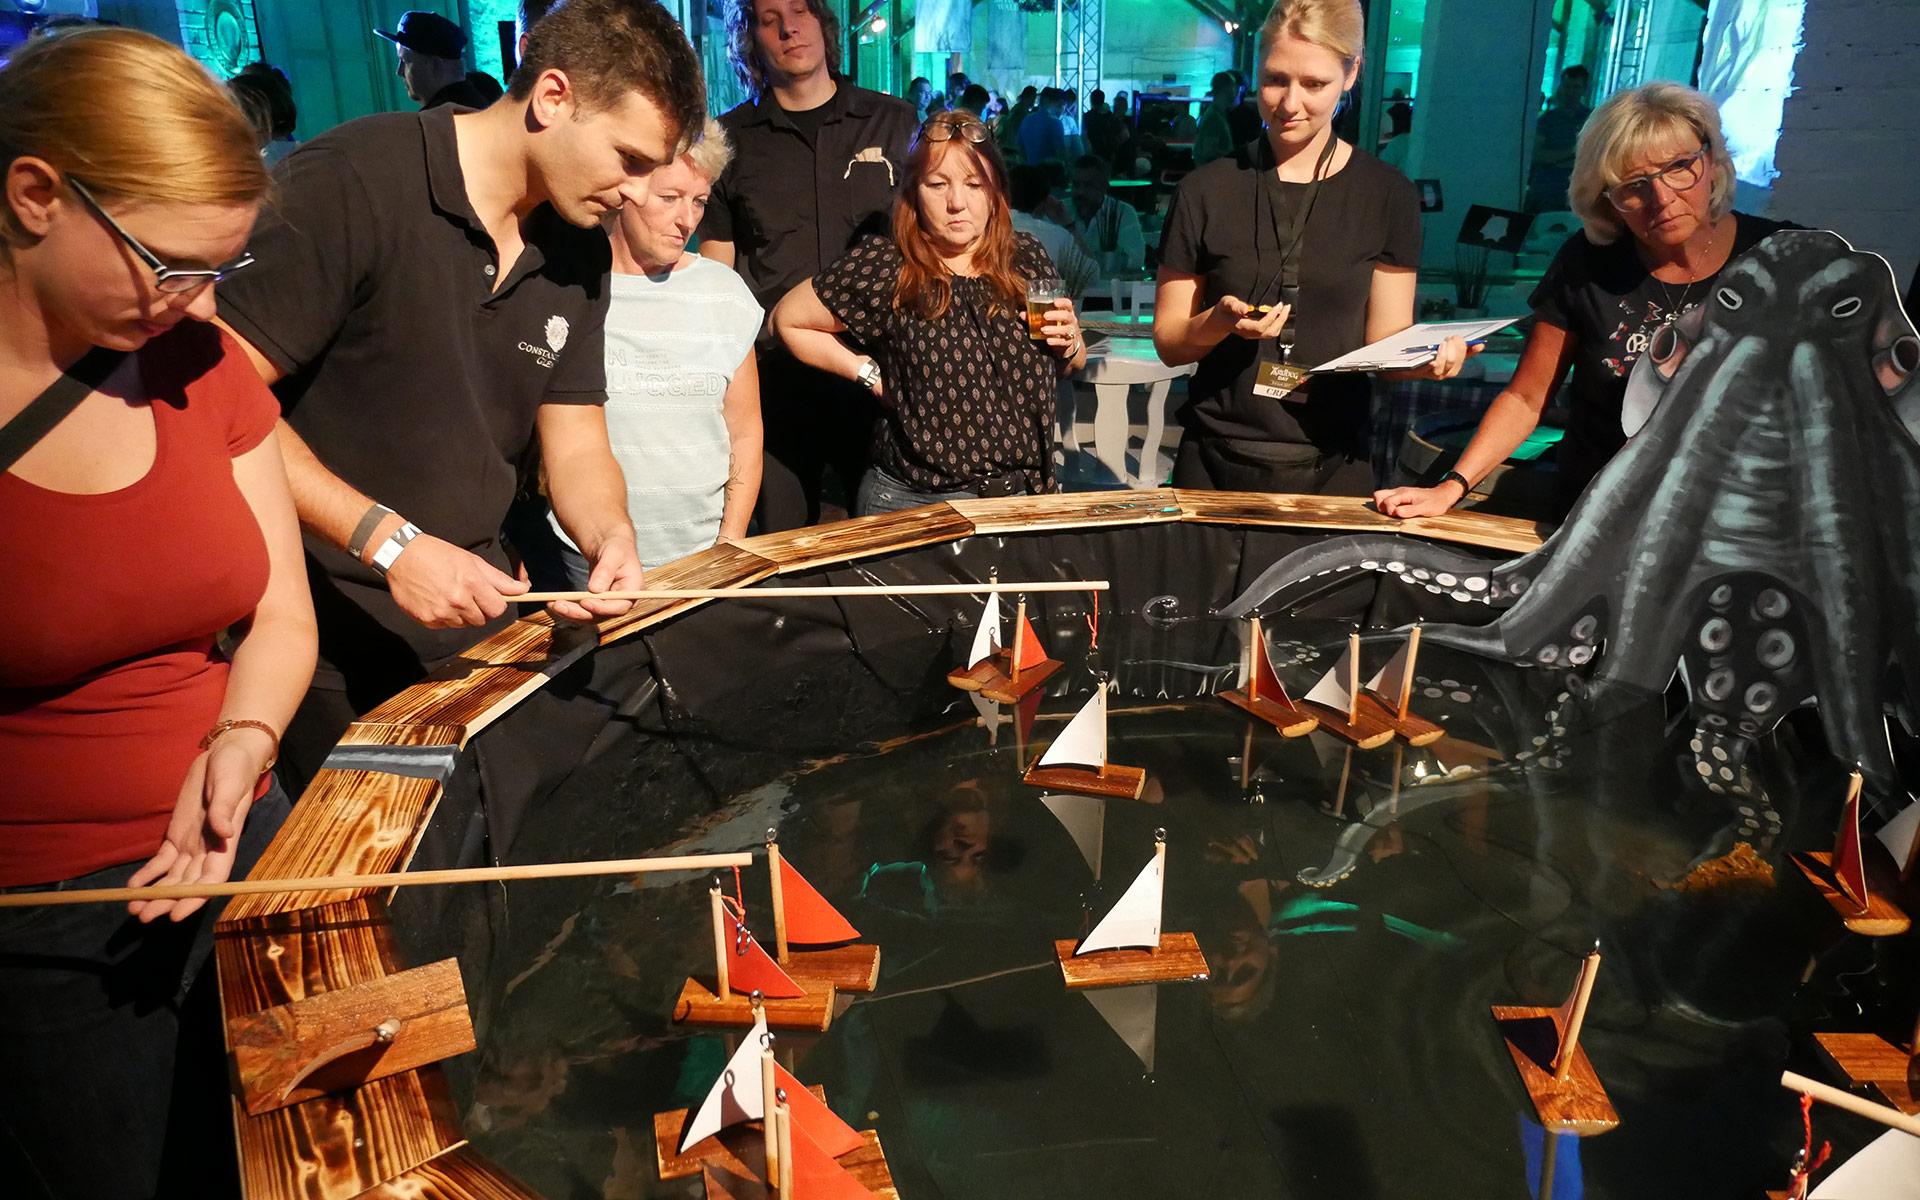 Angeln für Ardbeg: Wer mehr Boote als das gegnerische Team herausholte, bekam ein Dram spendiert (Foto: Malt Whisky)